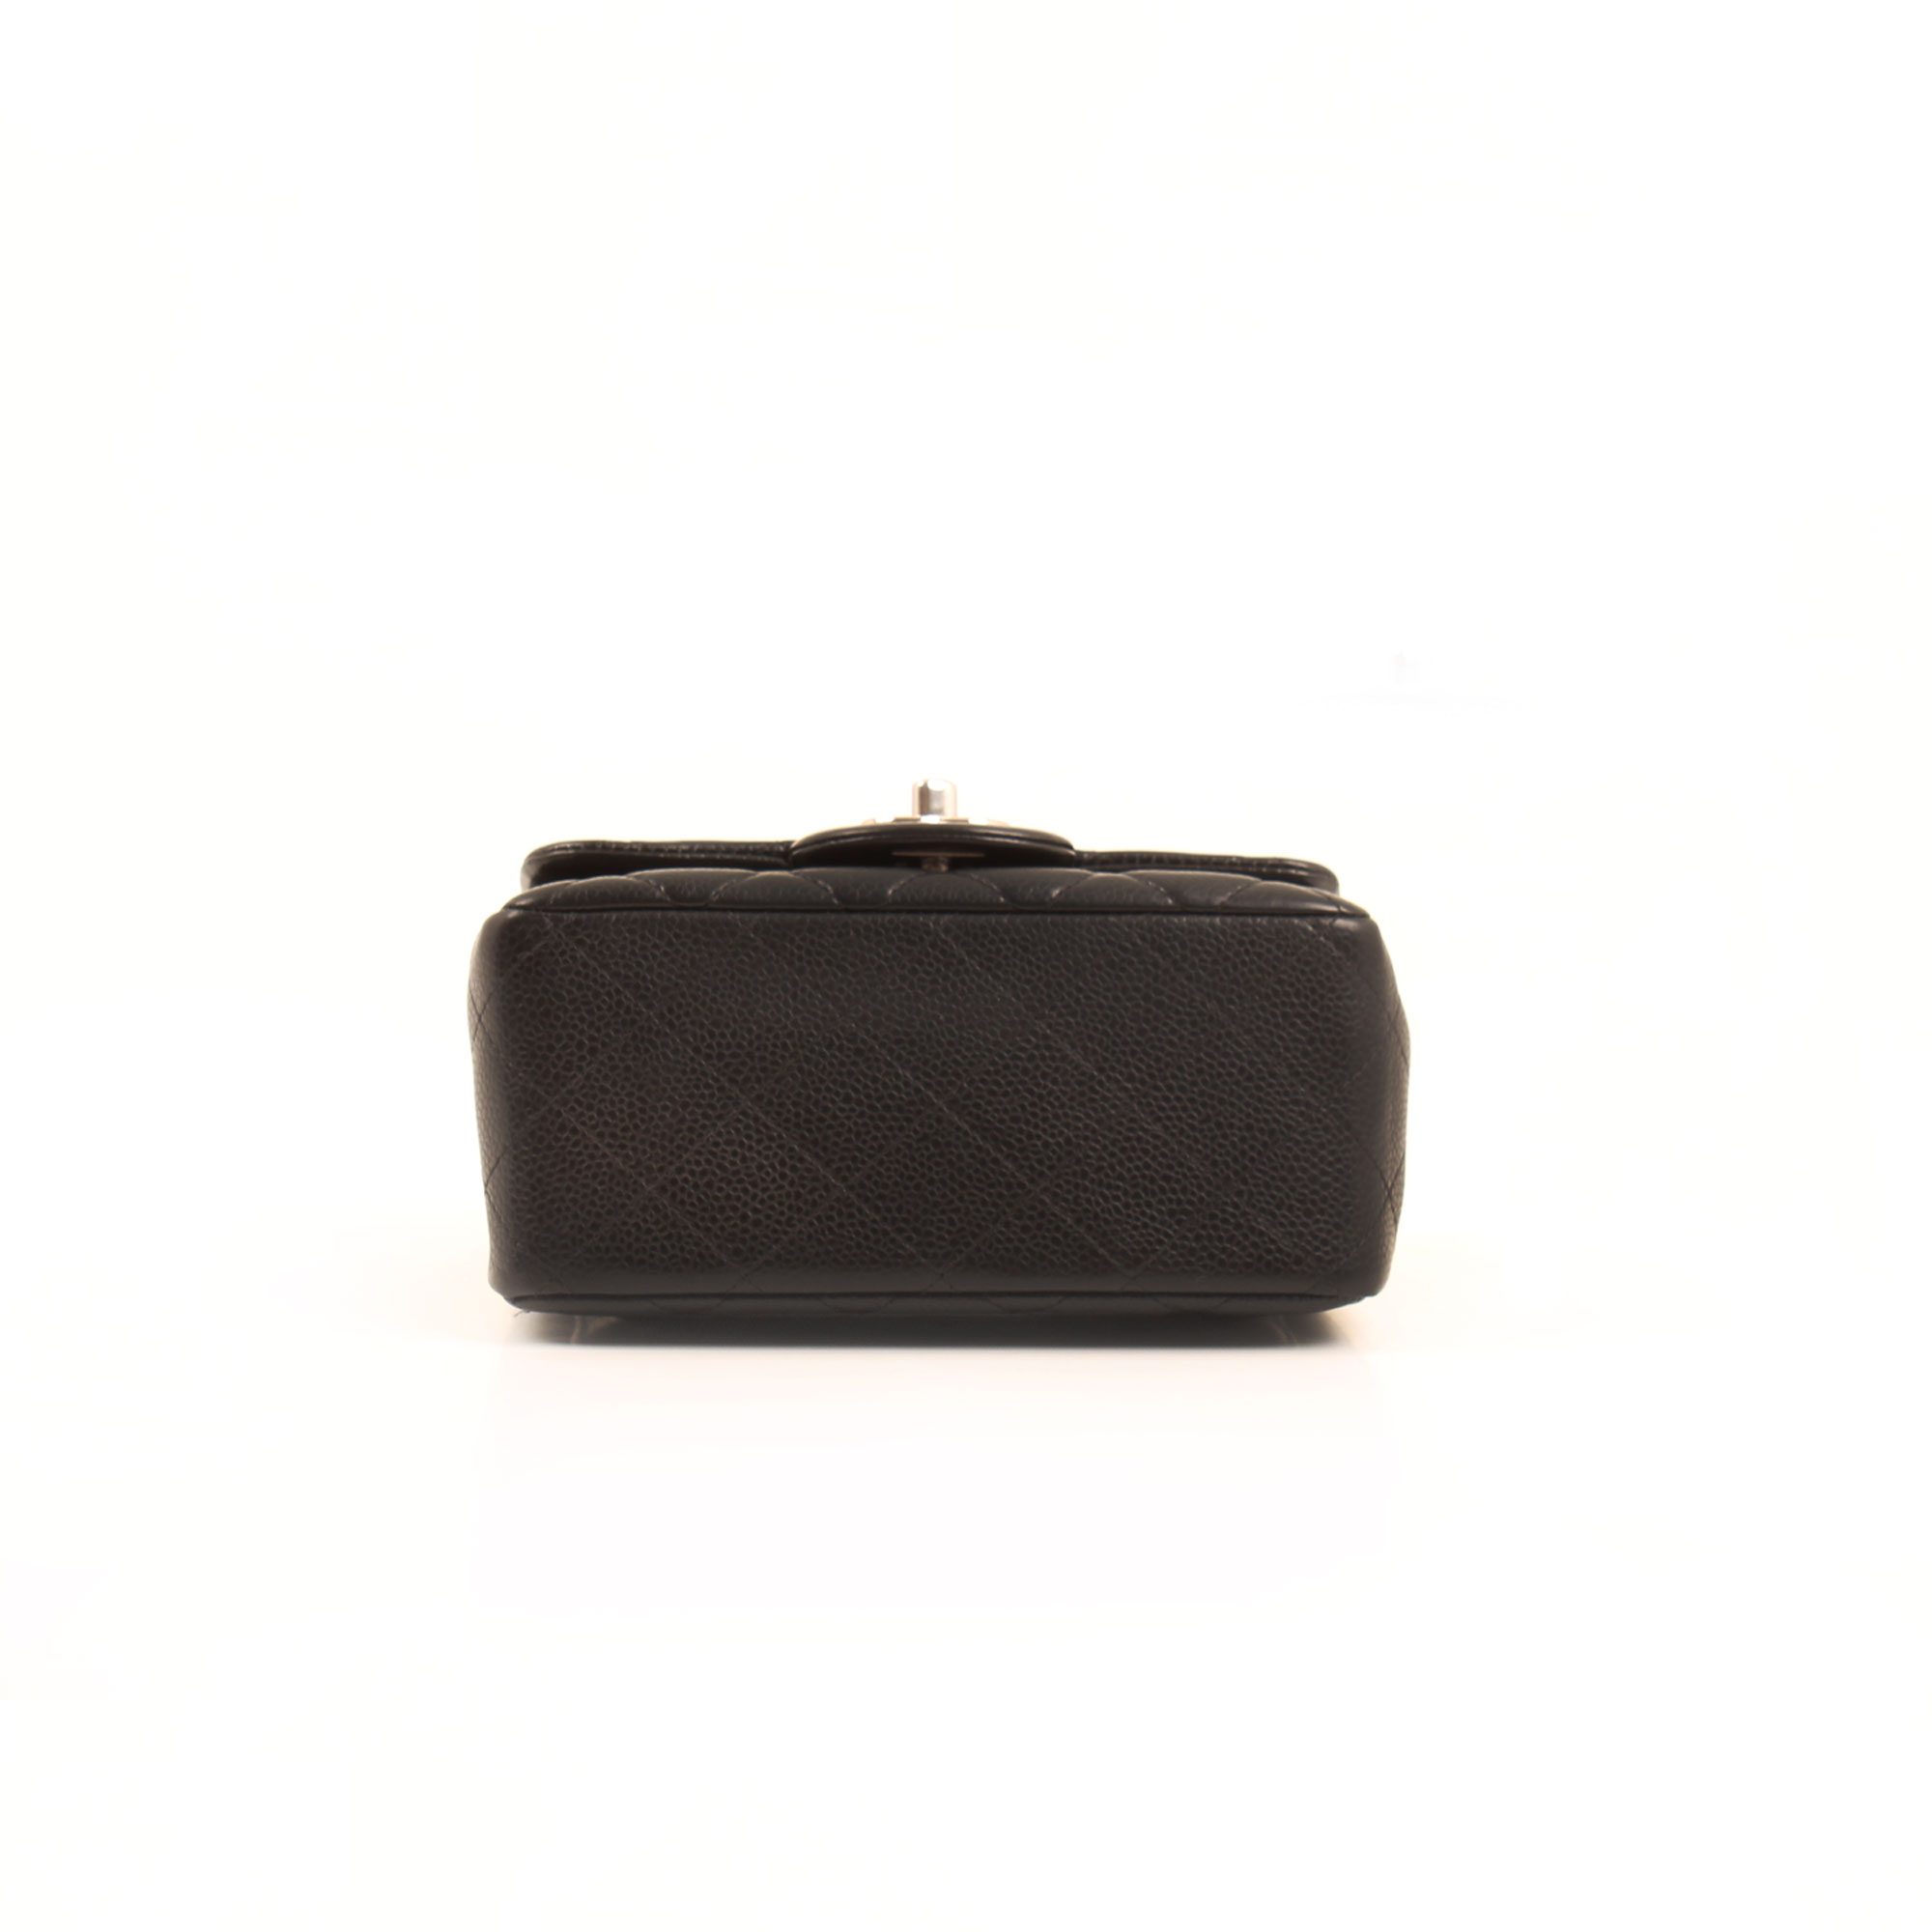 Imagen de la base del bolso chanel mini timeless negro caviar